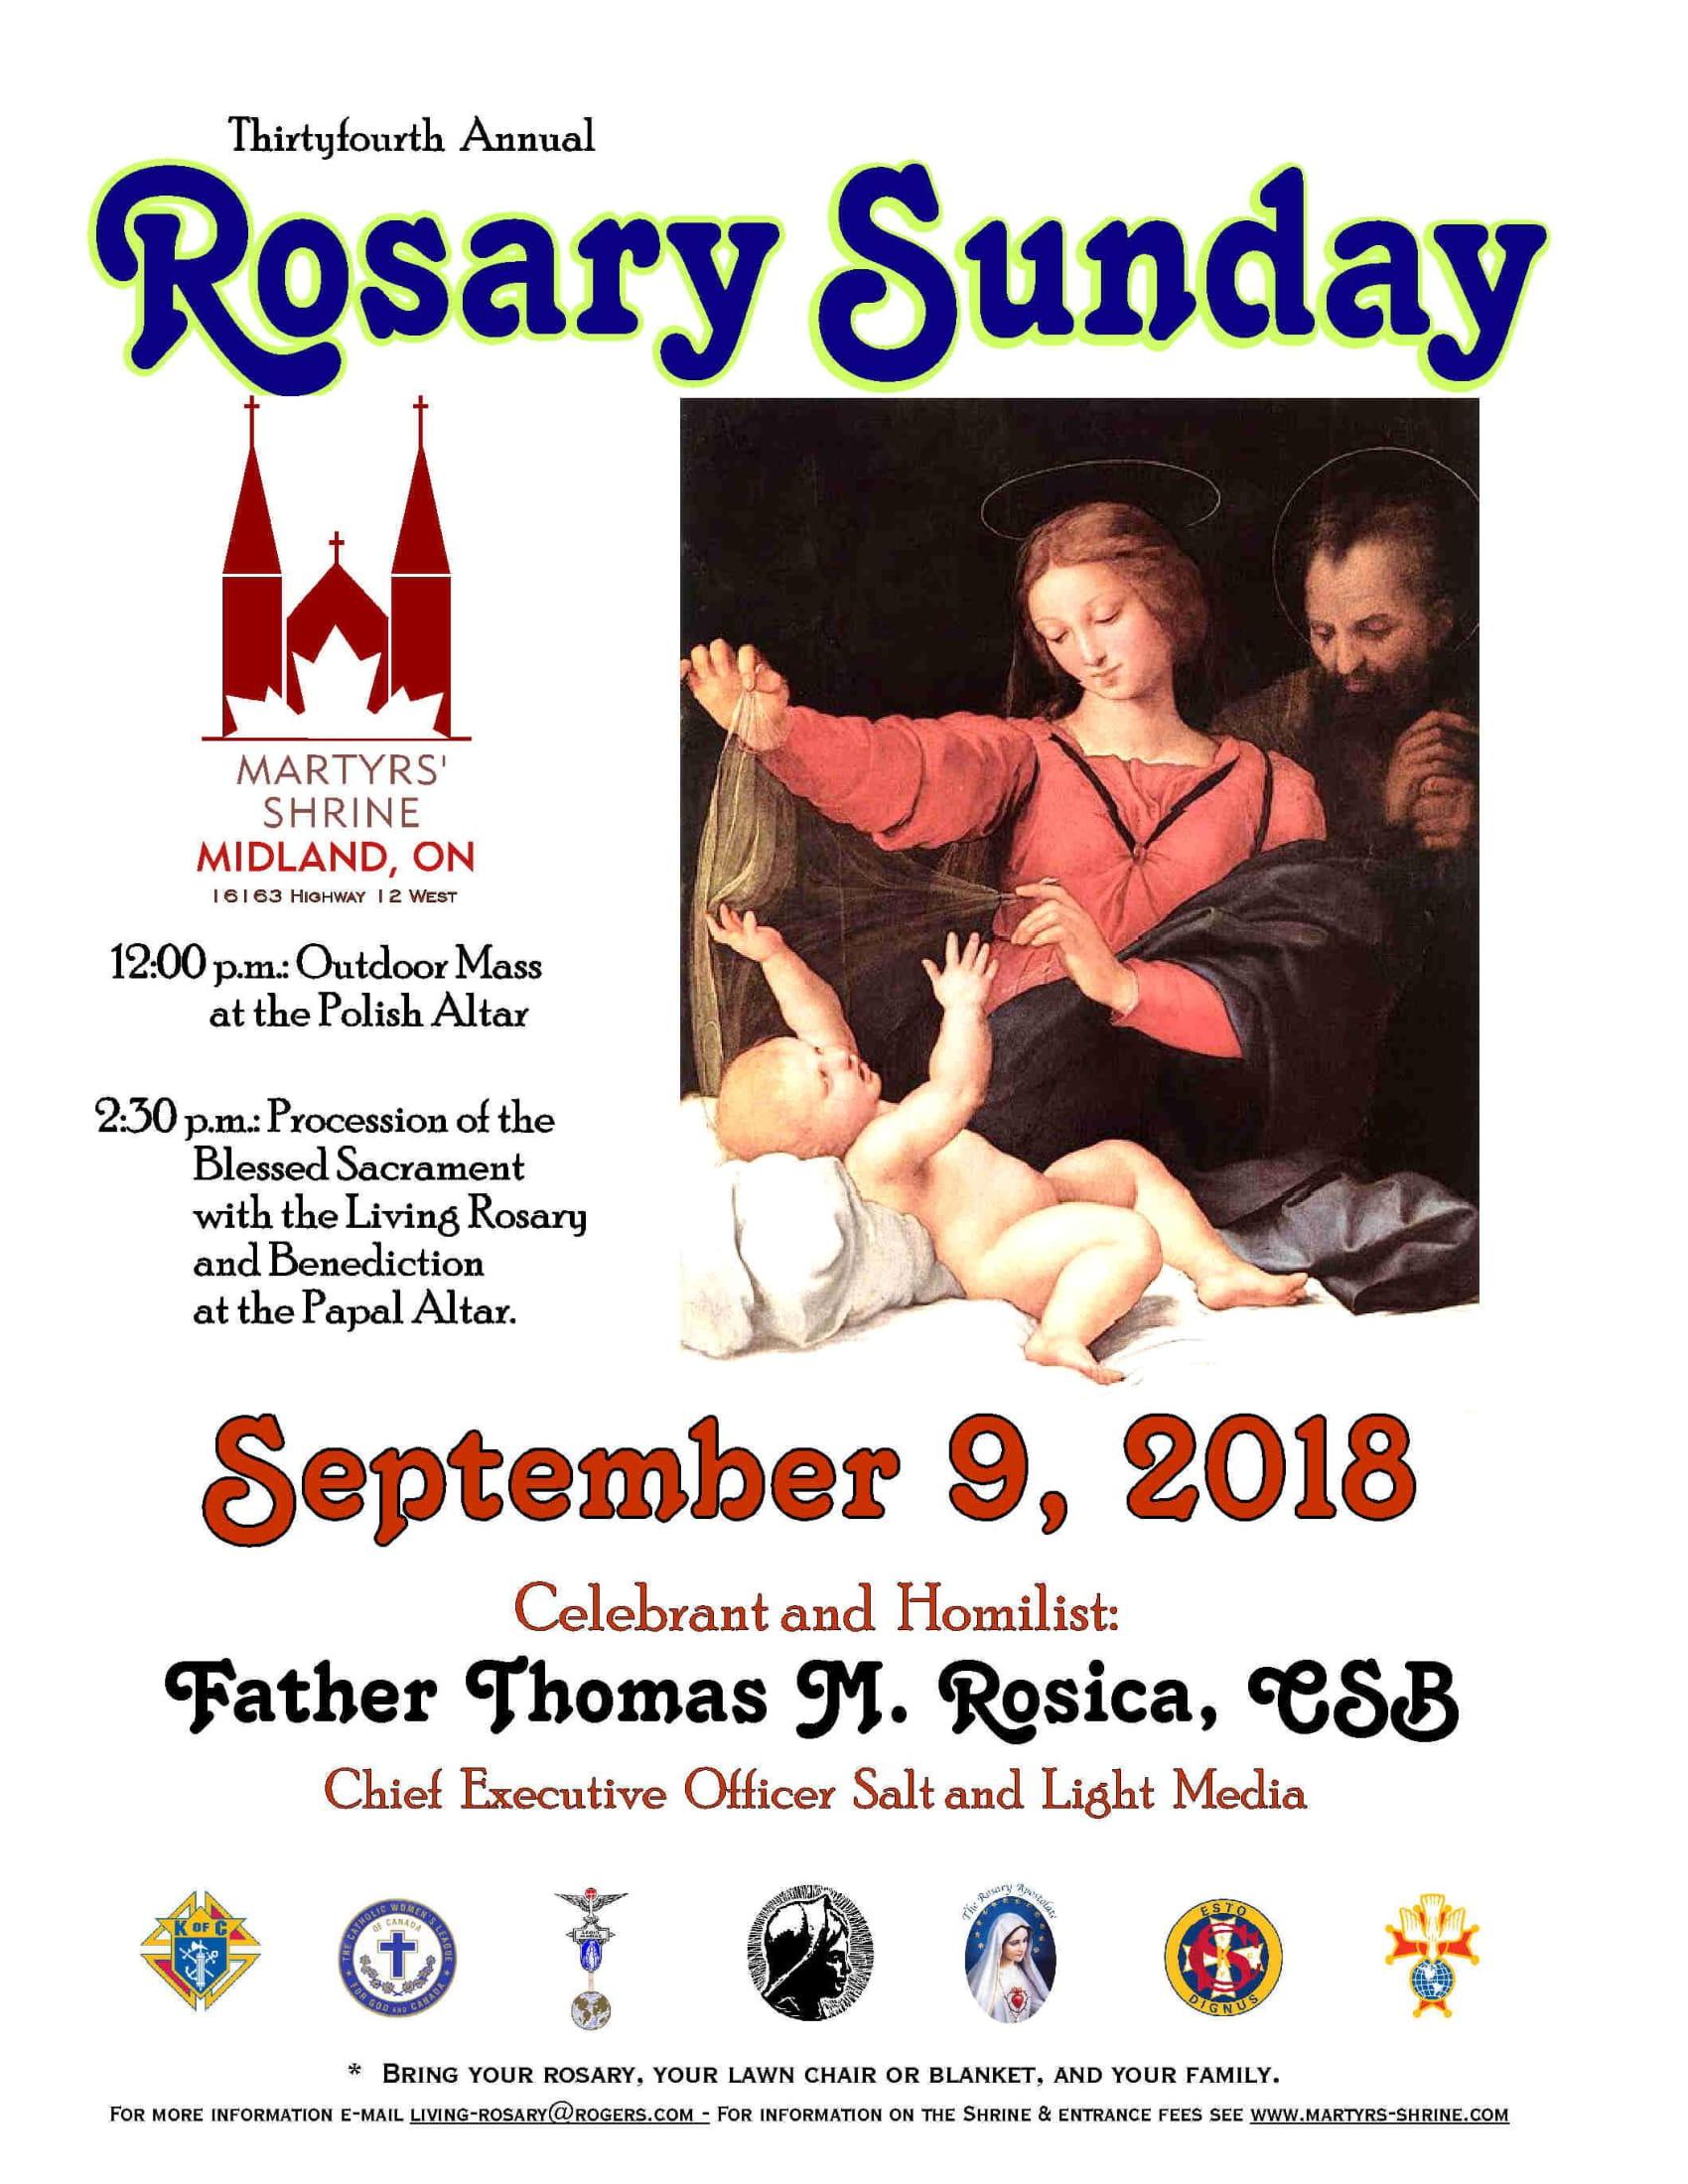 Rosary Sunday 2018